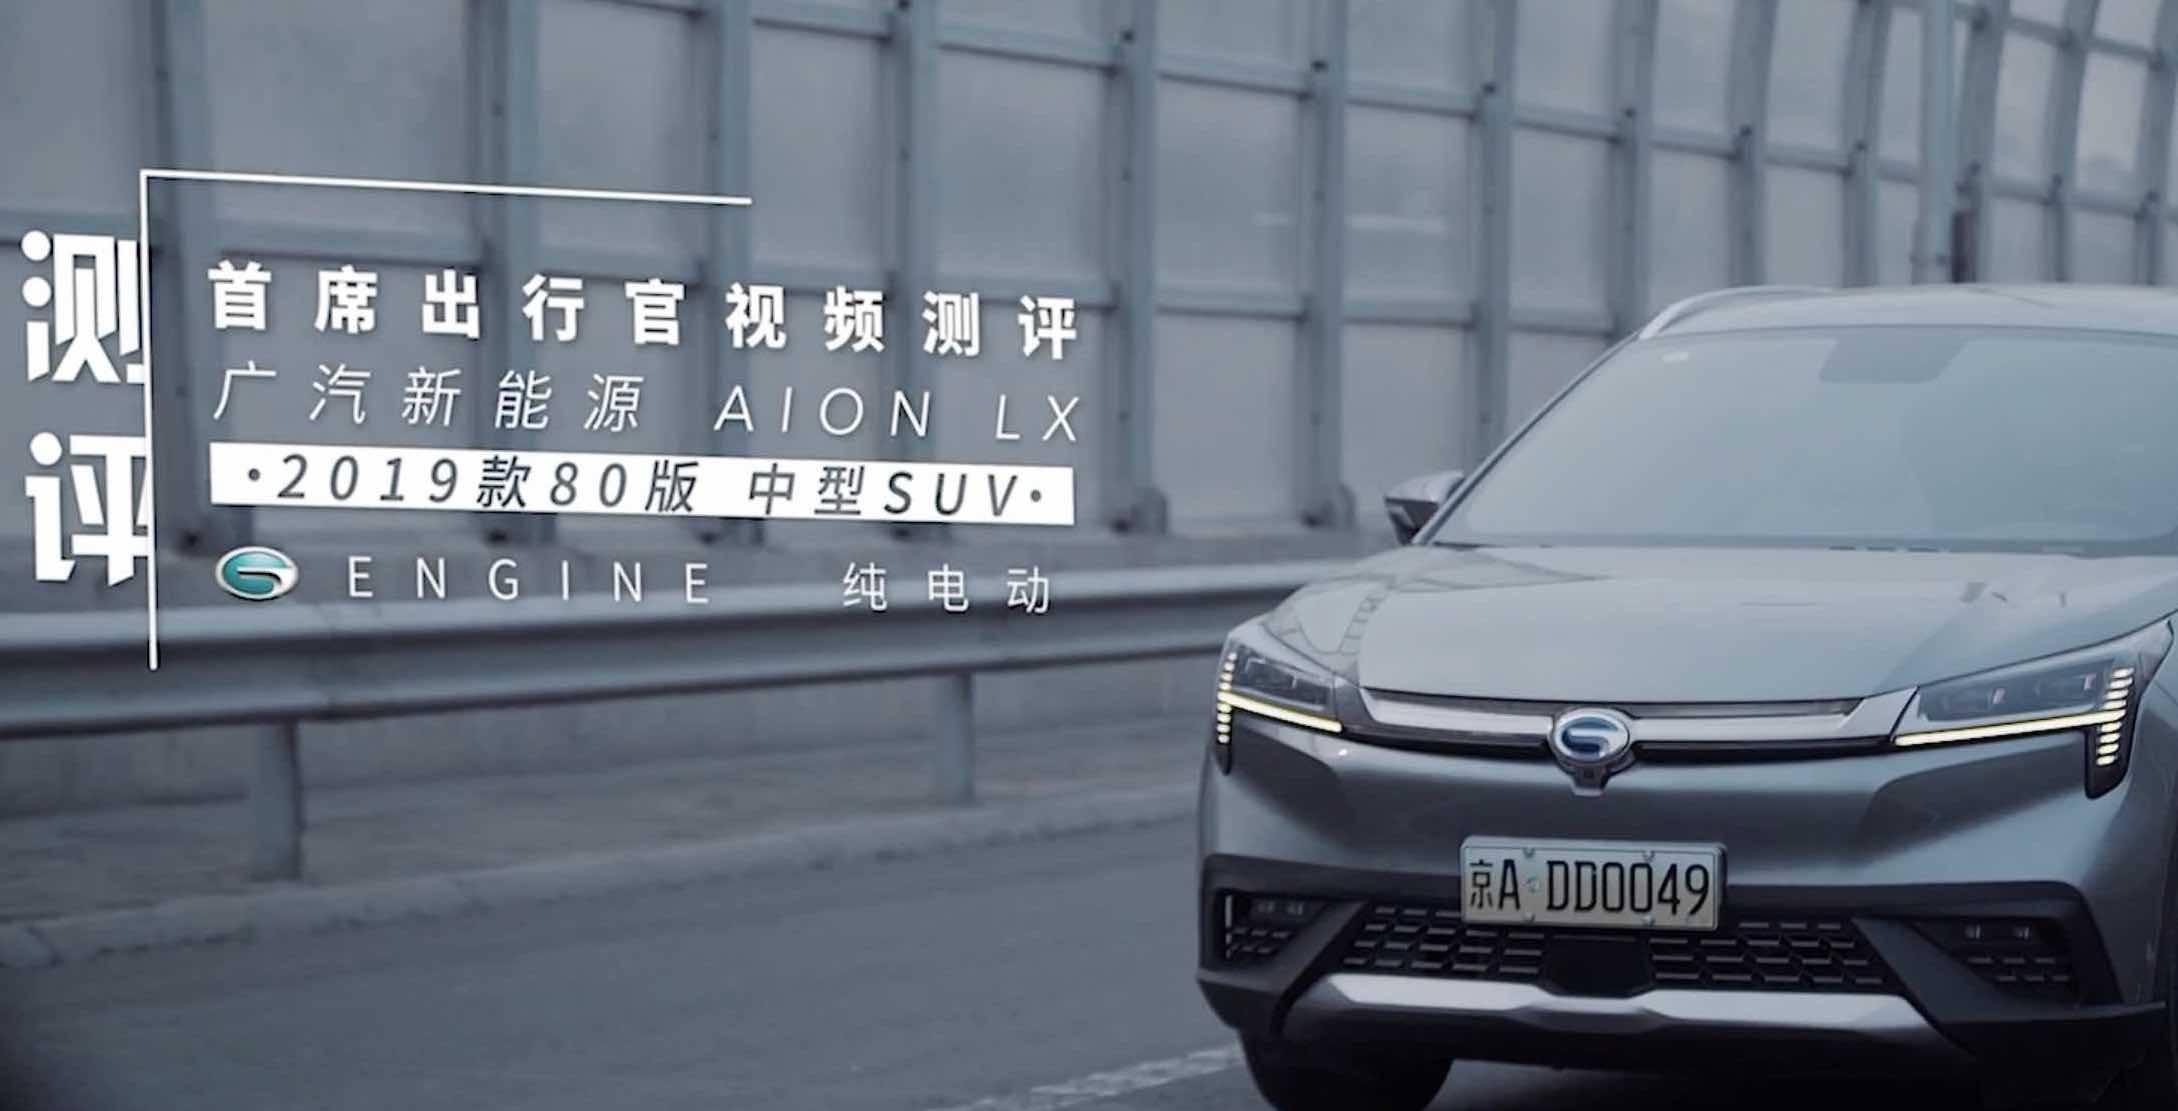 除了超长续航里程之外,带你细品广汽新能源Aion LX